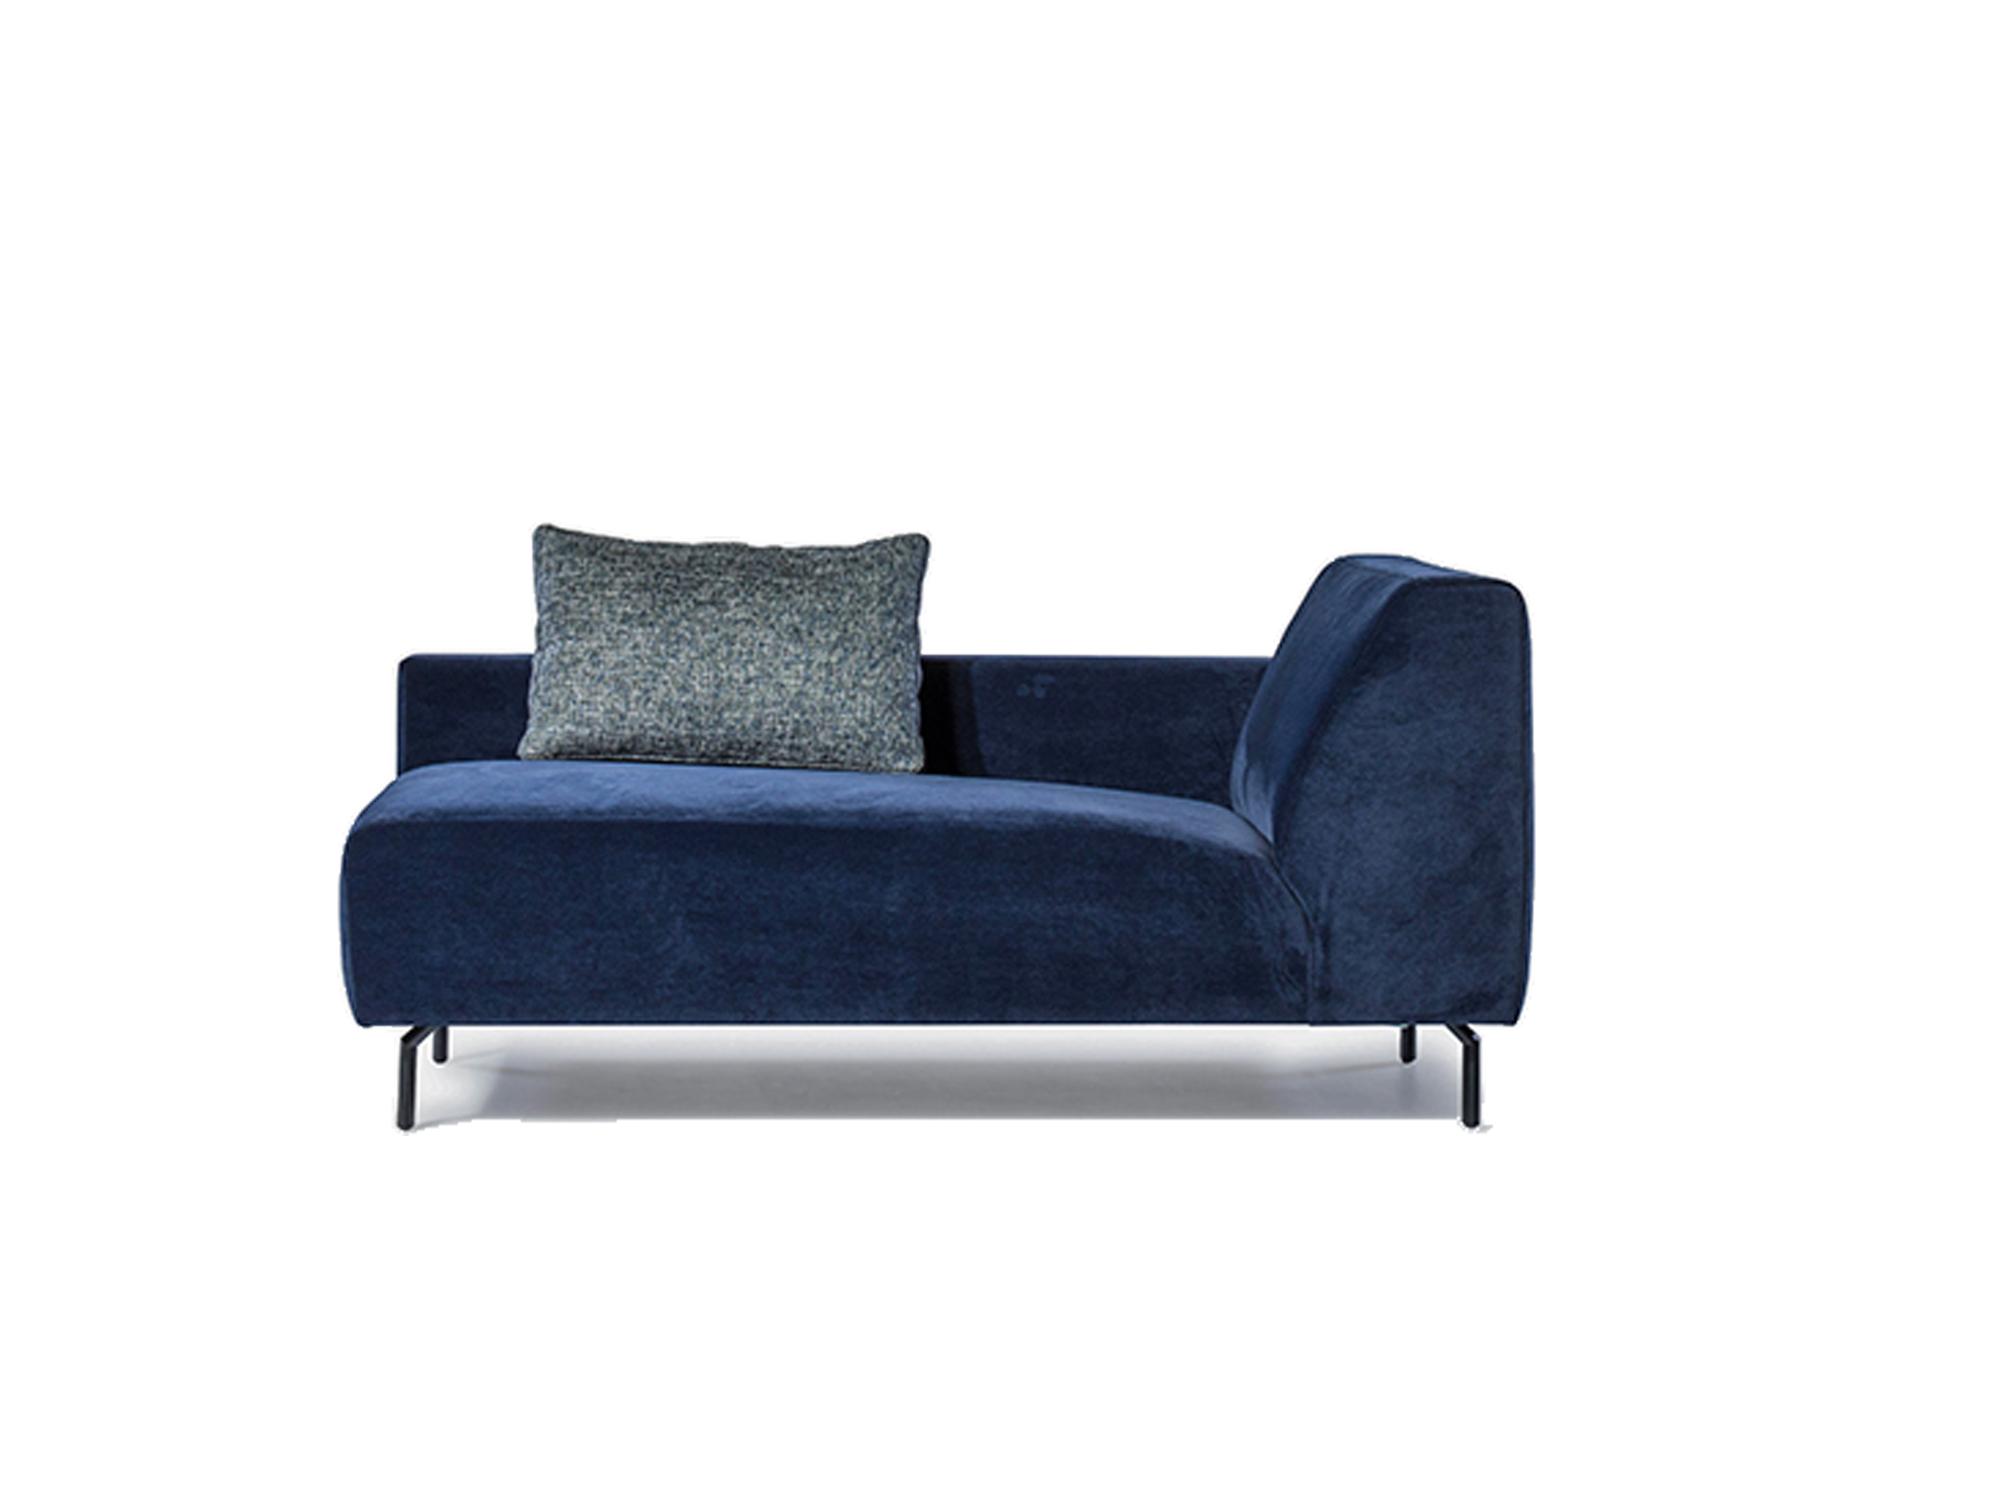 Designsofa twijnstraat donkerblauw velvet